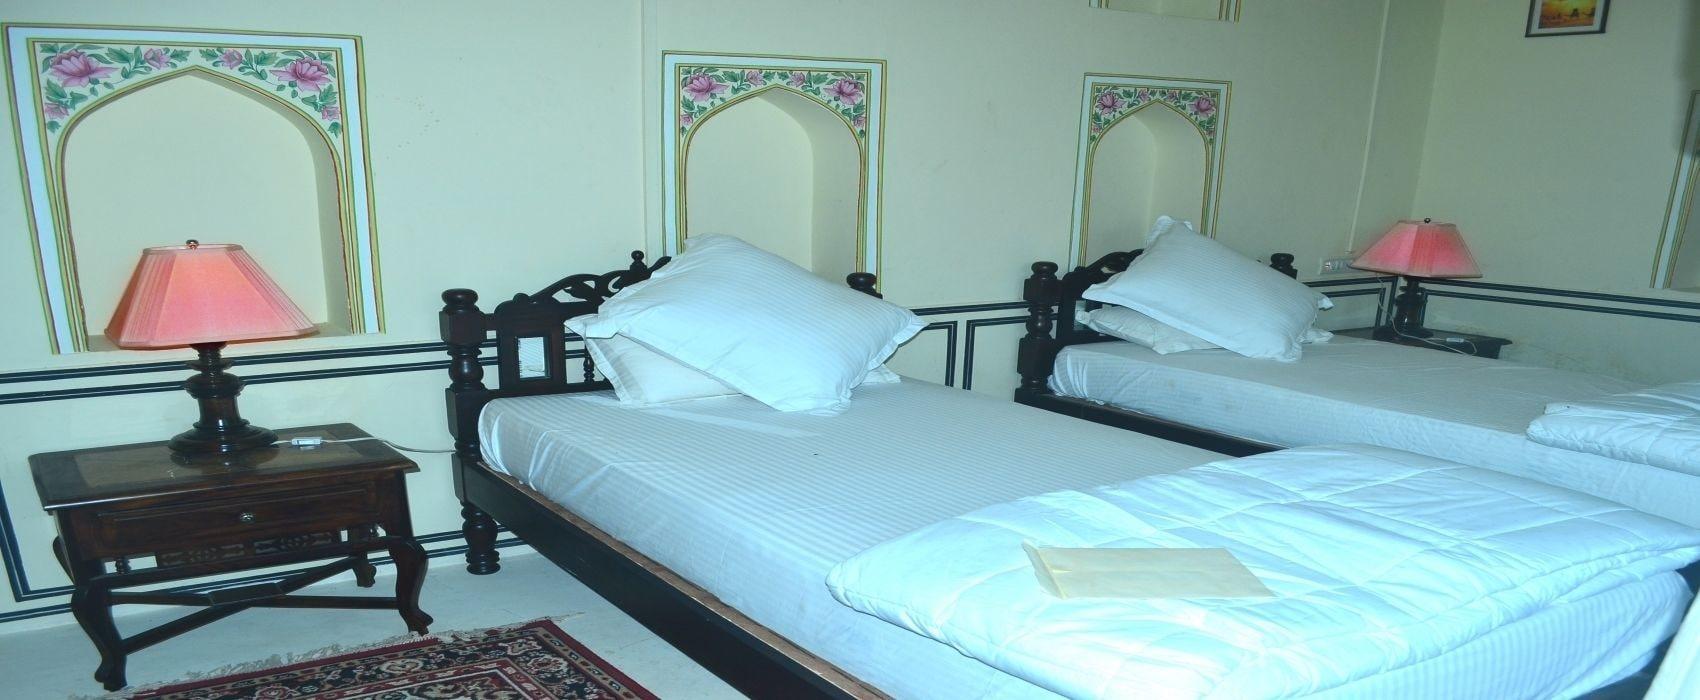 Hotel Royal Rest, Jhunjhunun